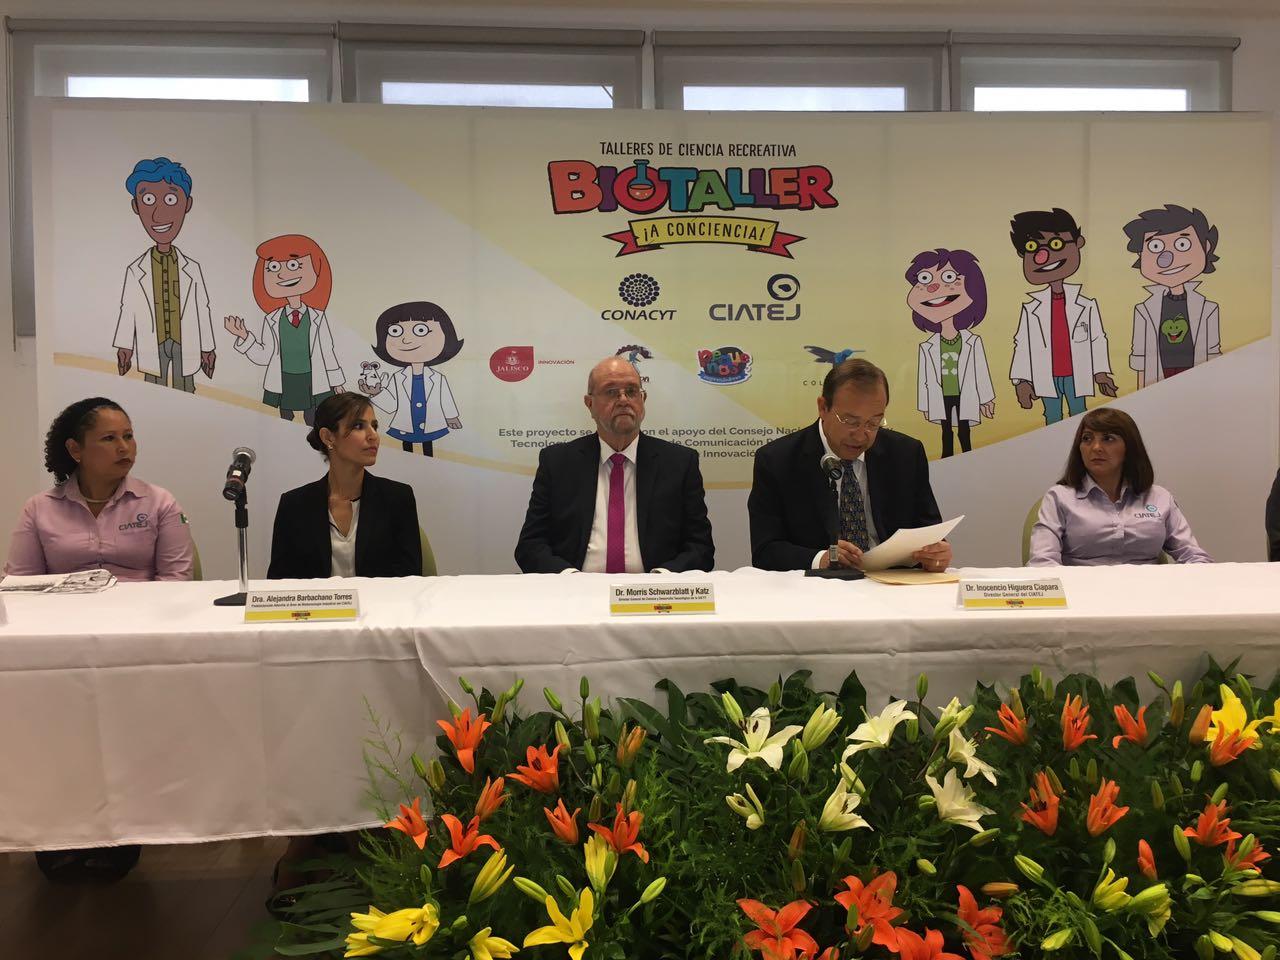 En colaboración con el @CIATEJ y @Conacyt_MX lanzamos el Biotaller para que niñas y niños se acerquen a la ciencia. https://t.co/TCJoyPIwlc